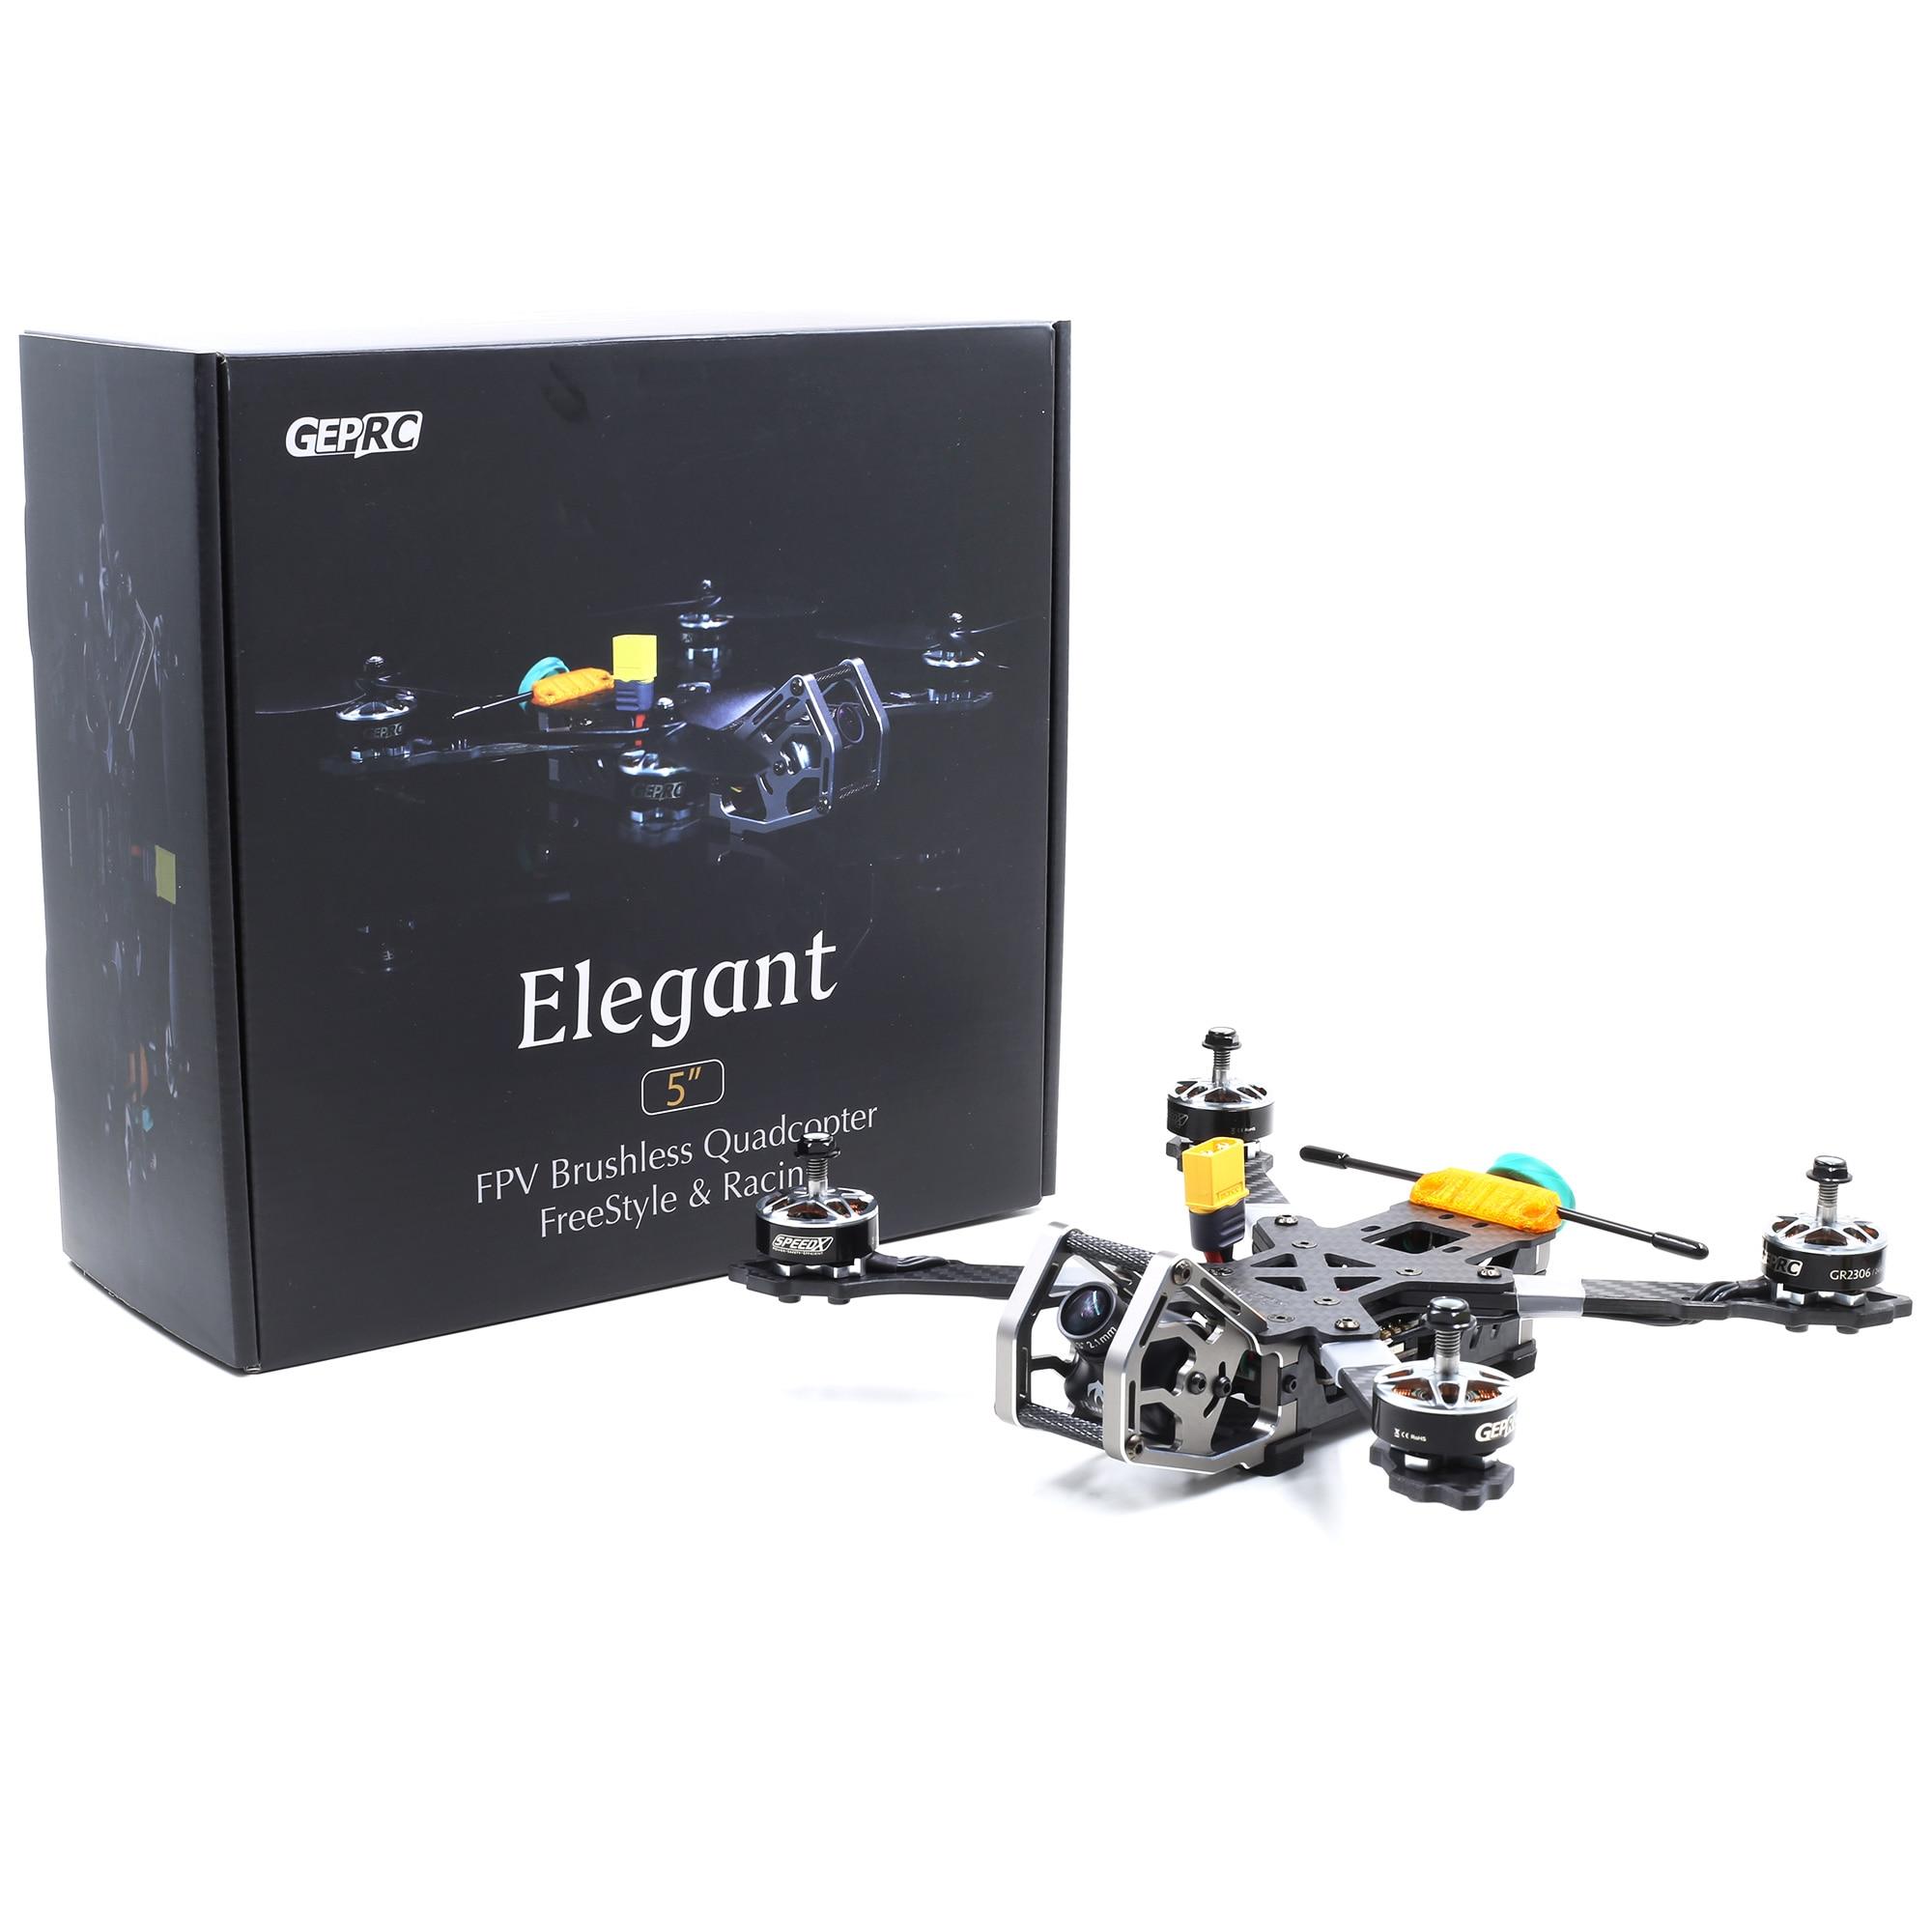 Nouveau gerpc GEP-KX5/KHX5 élégant PNP/BNF 230mm kit de cadre d'empattement pour RC FPV course Drone quadrirotor